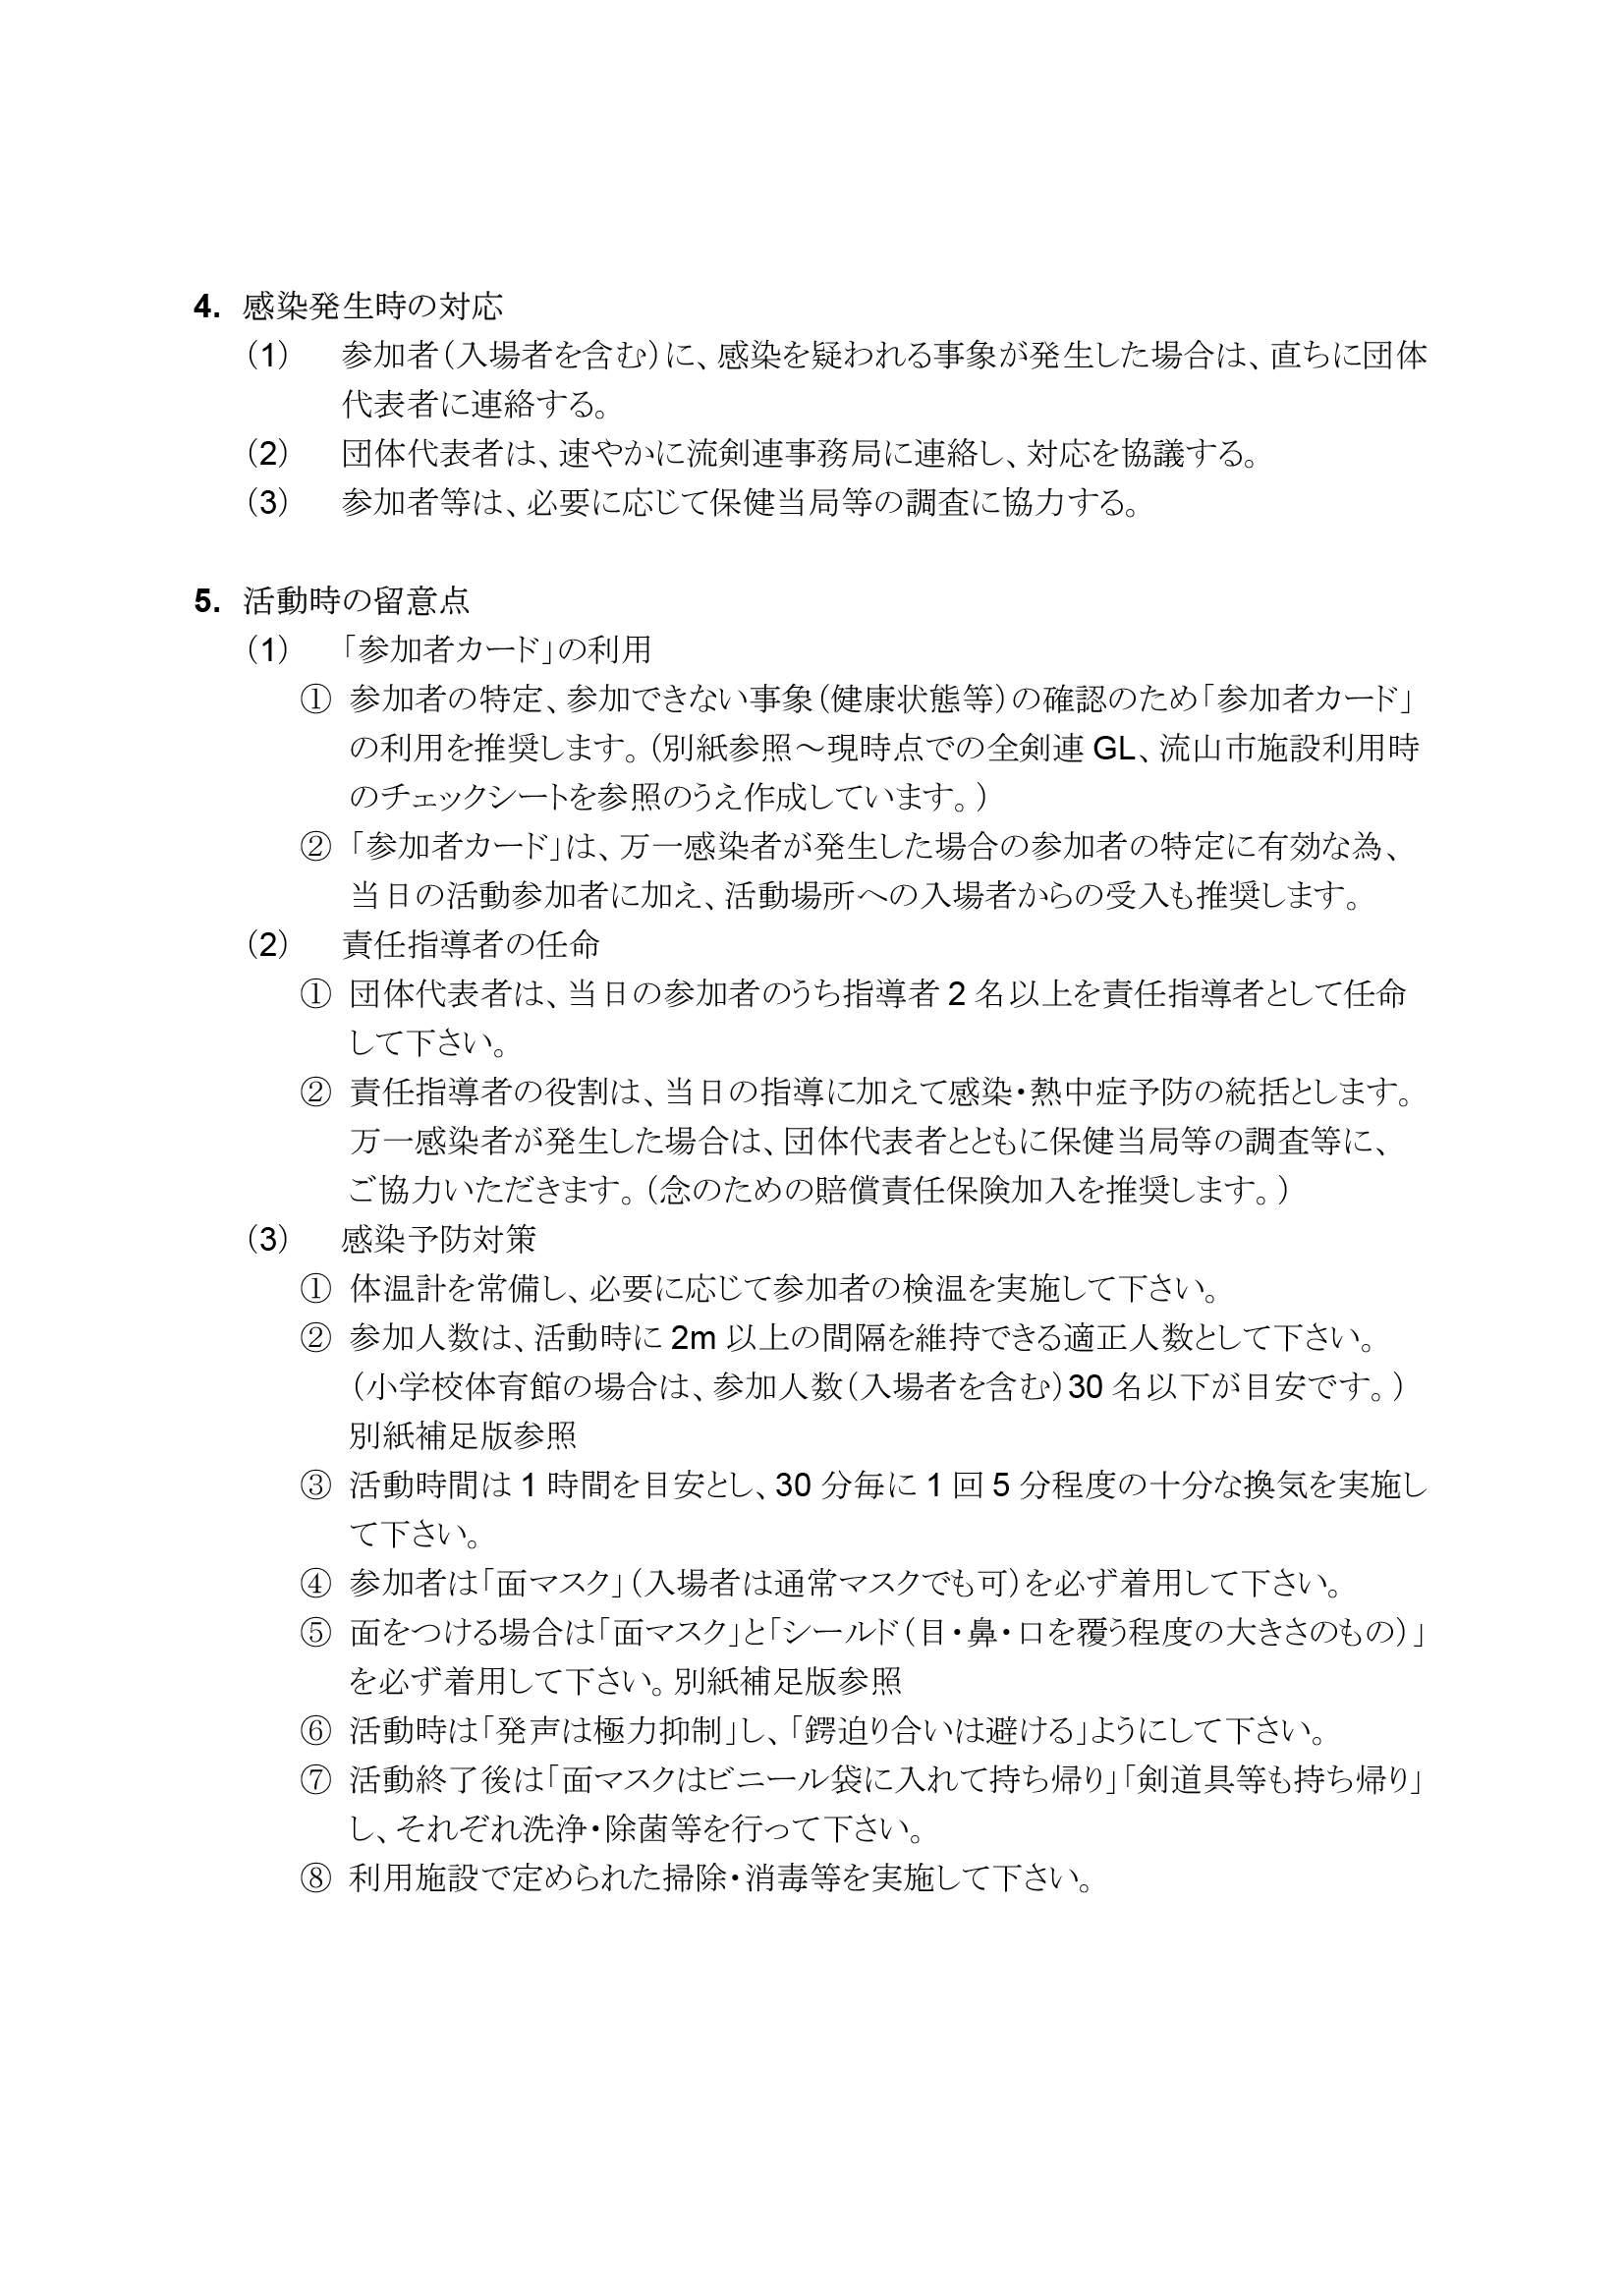 流剣連活動再開ガイドライン_0003